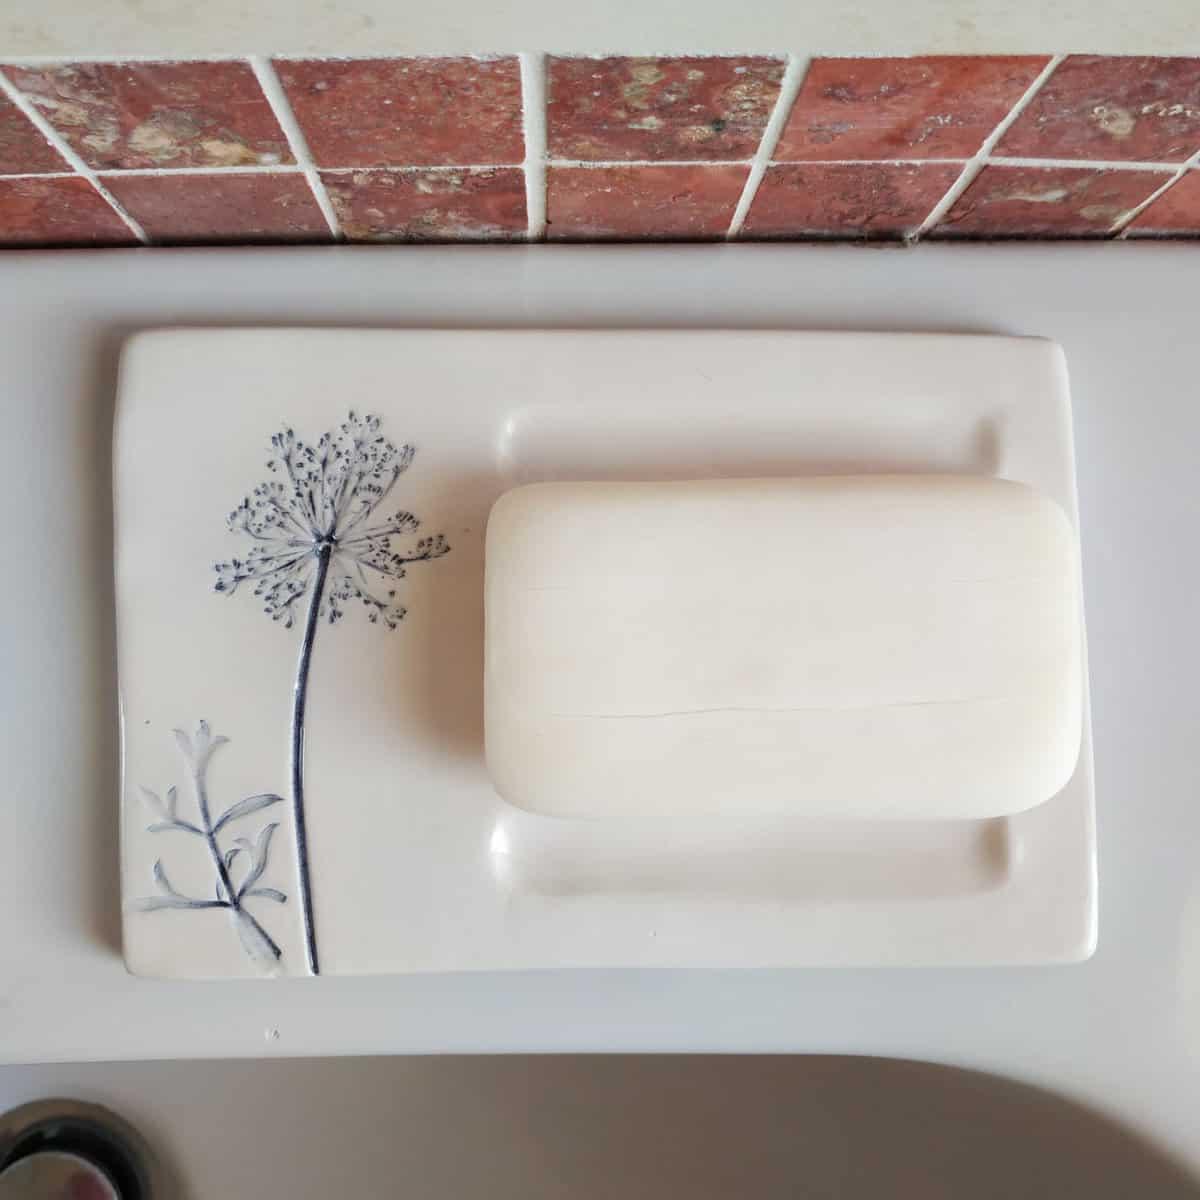 Porta sapone in ceramica con impressione di carota selvatica